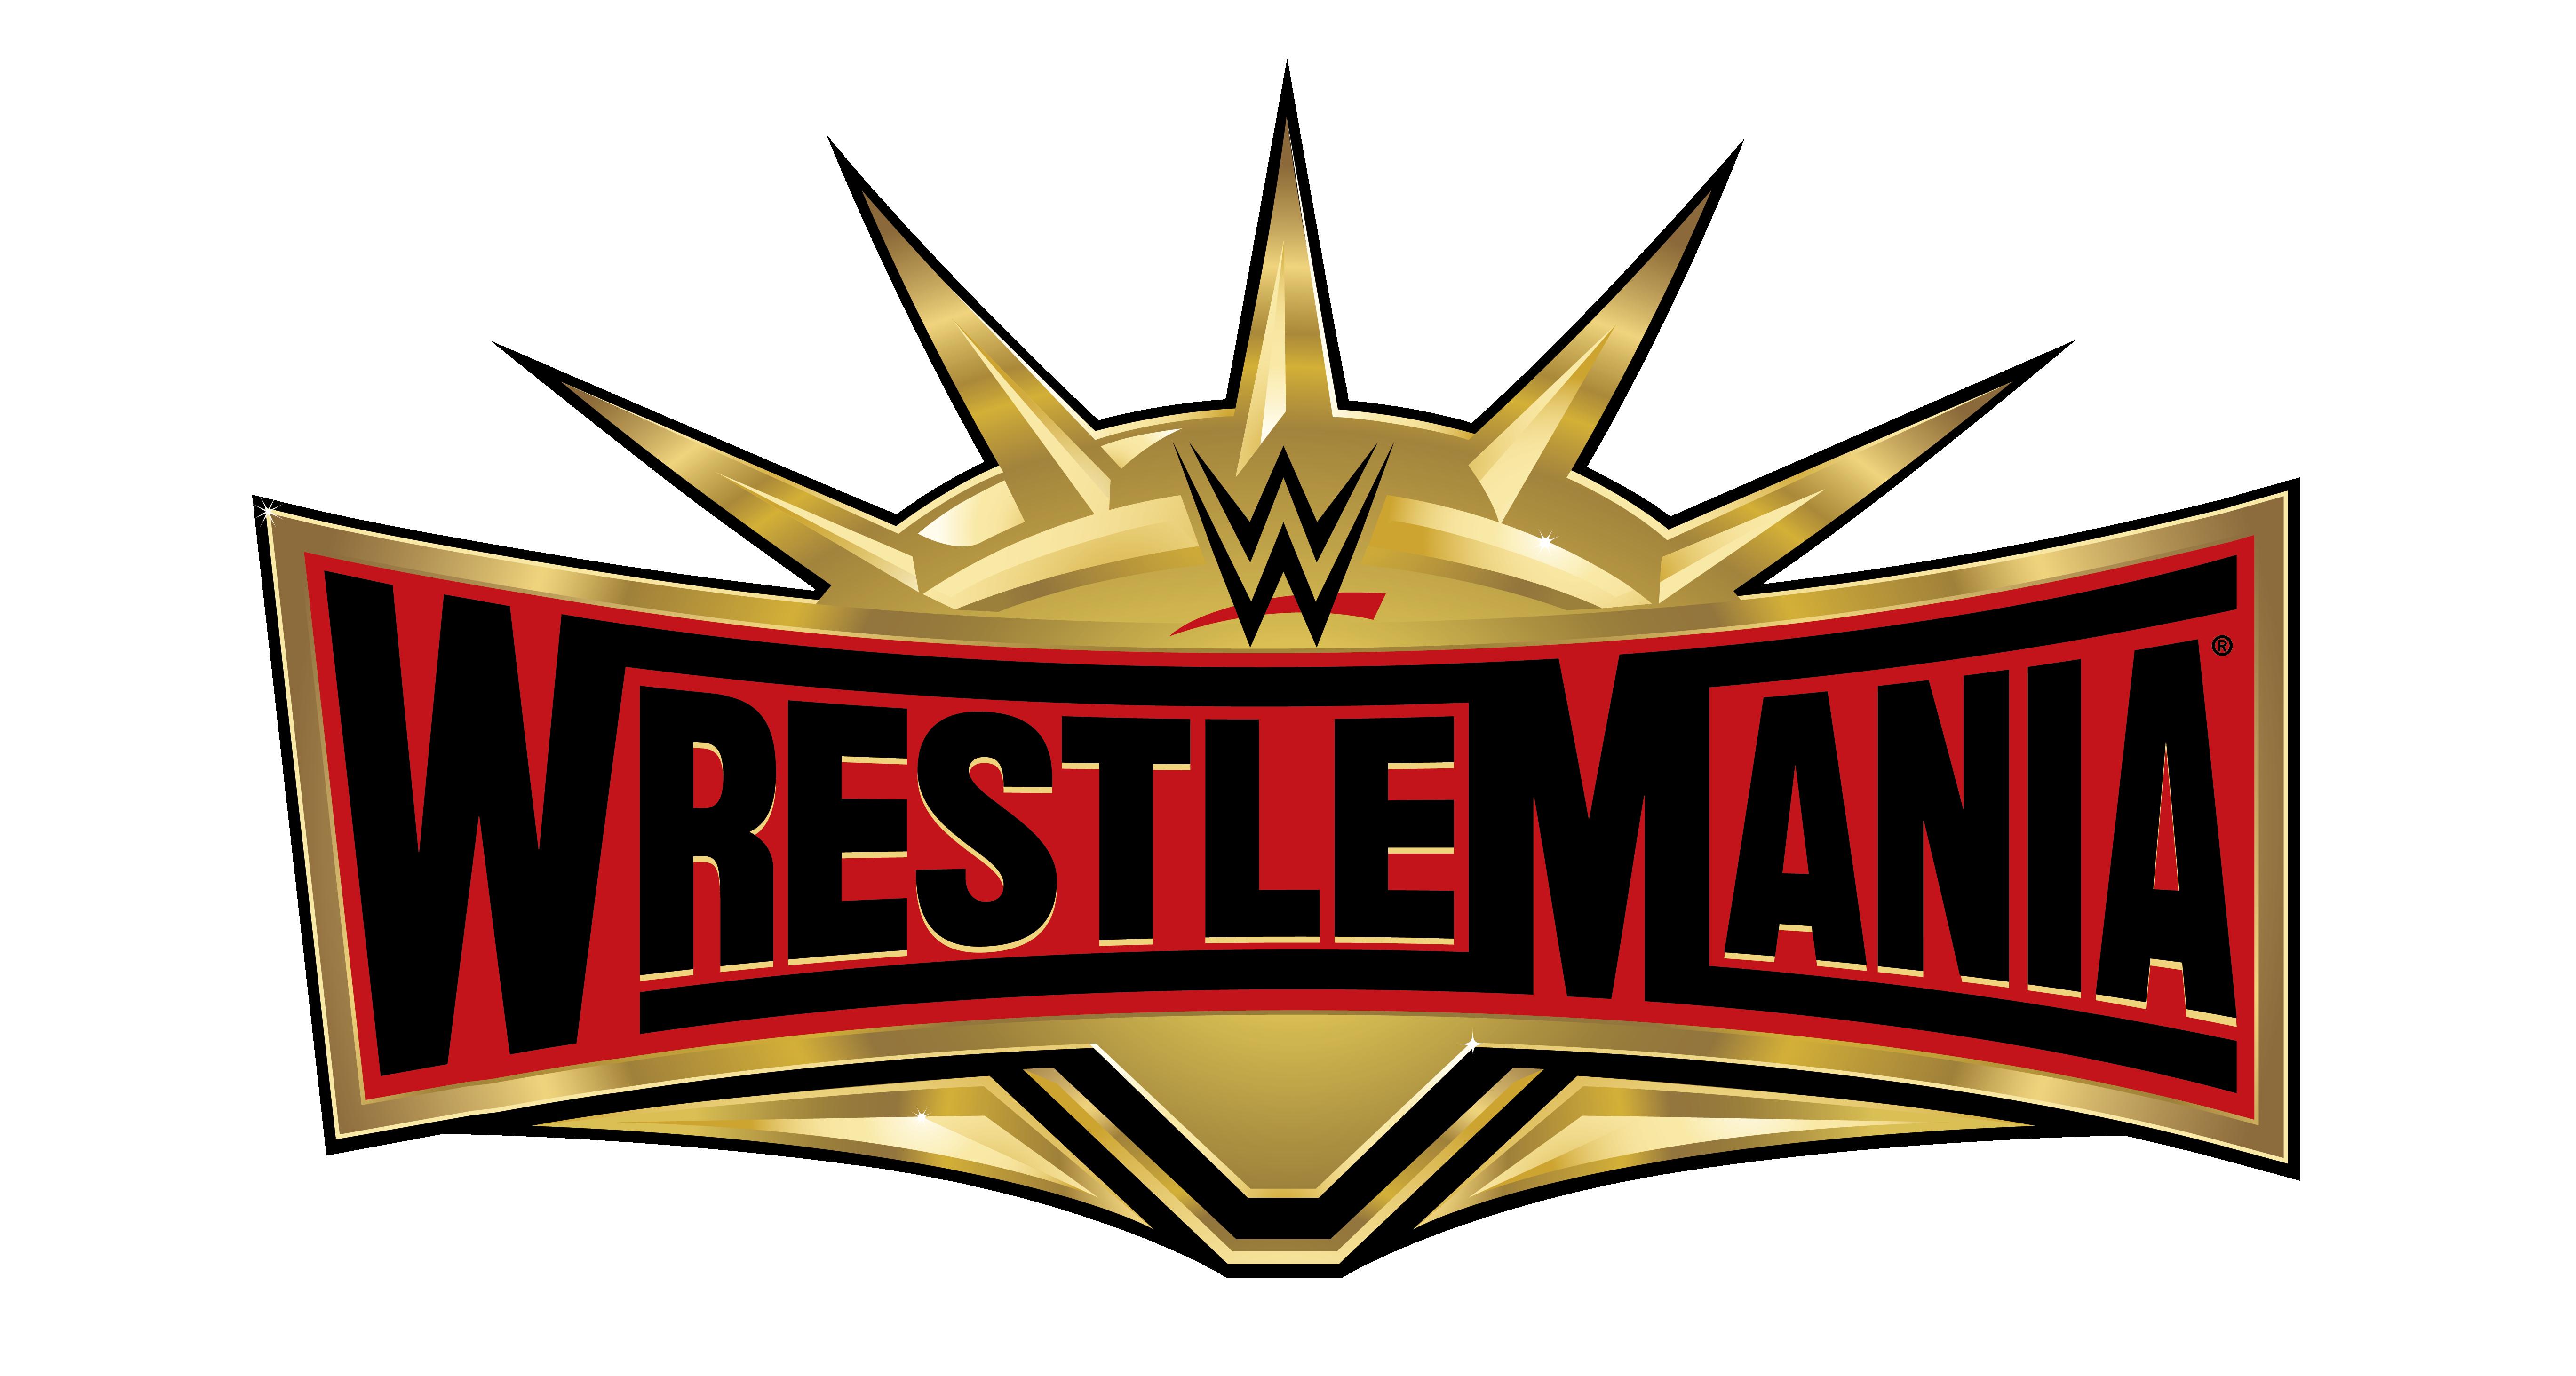 Night Wallpaper No Logo By Ualgreymon On Deviantart: Decisi Data E Luogo Di WrestleMania 35: Ecco Tutti I